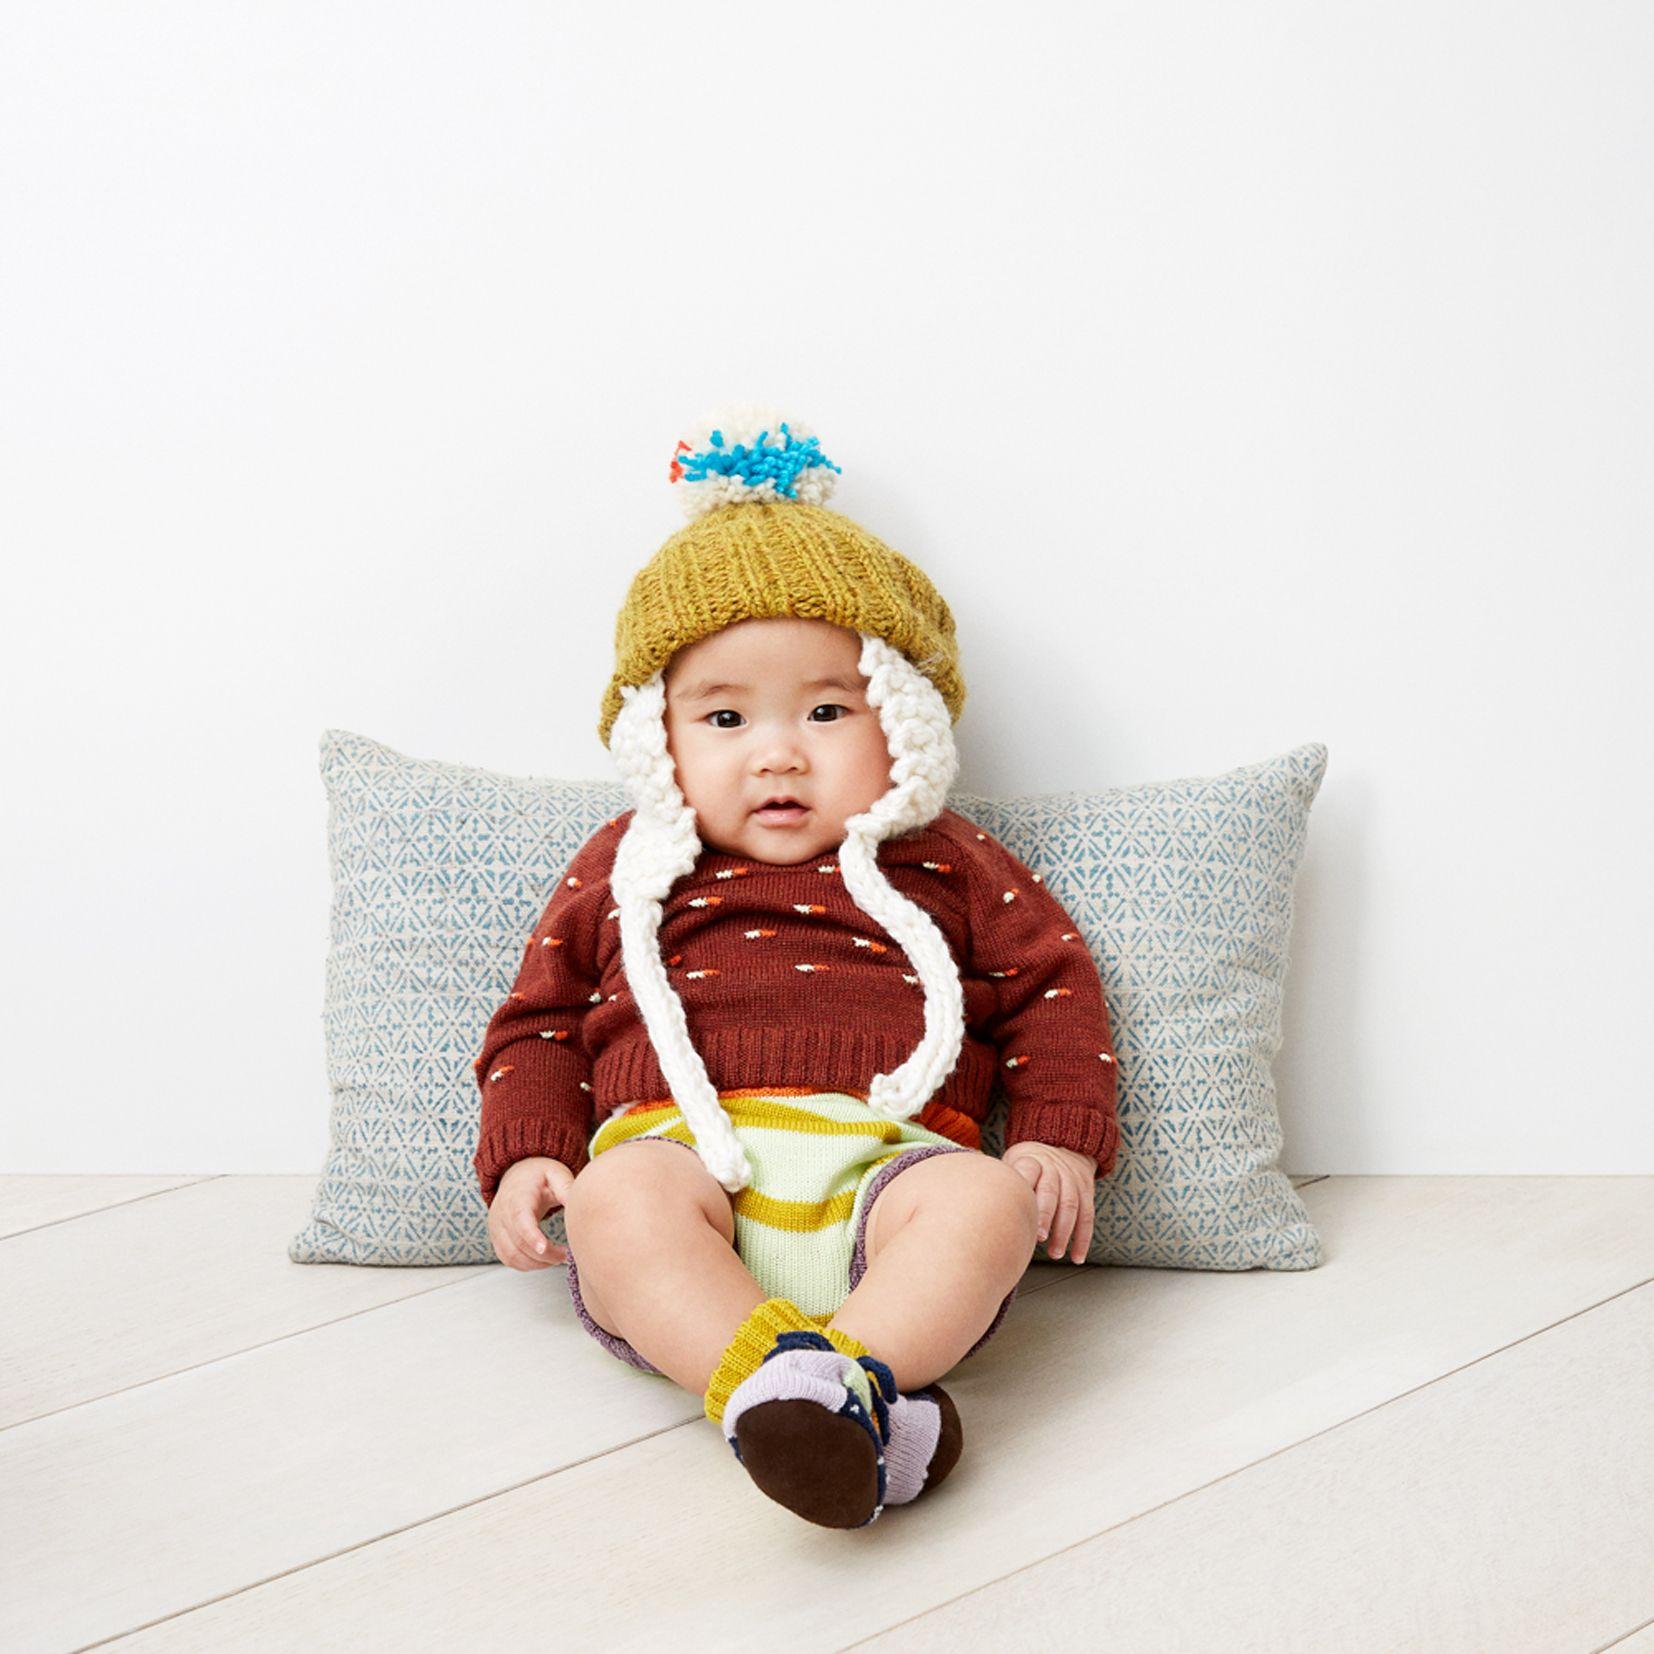 baby degen #PlaytimeNY #baby #fashion